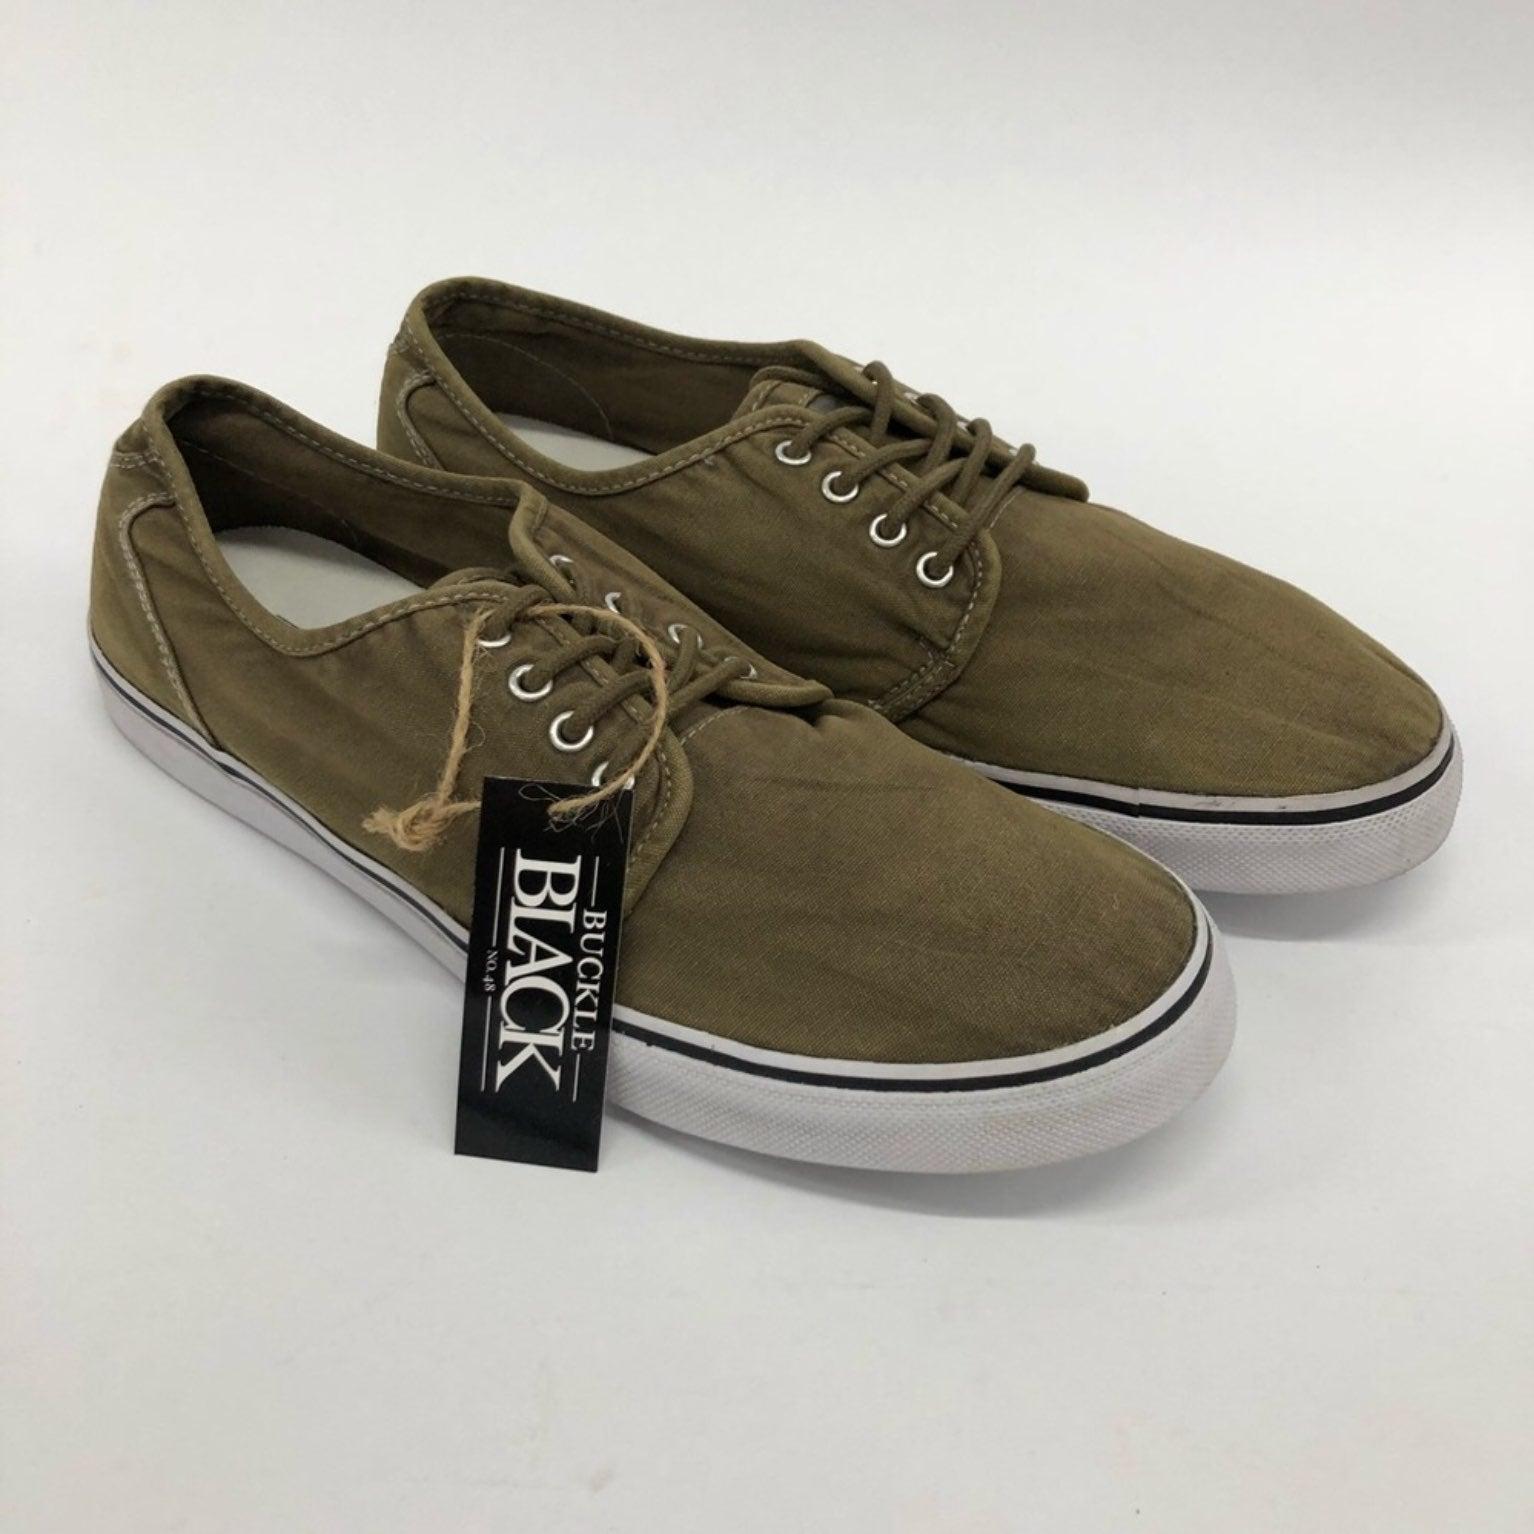 Buckle Mens Sneakers 10.5